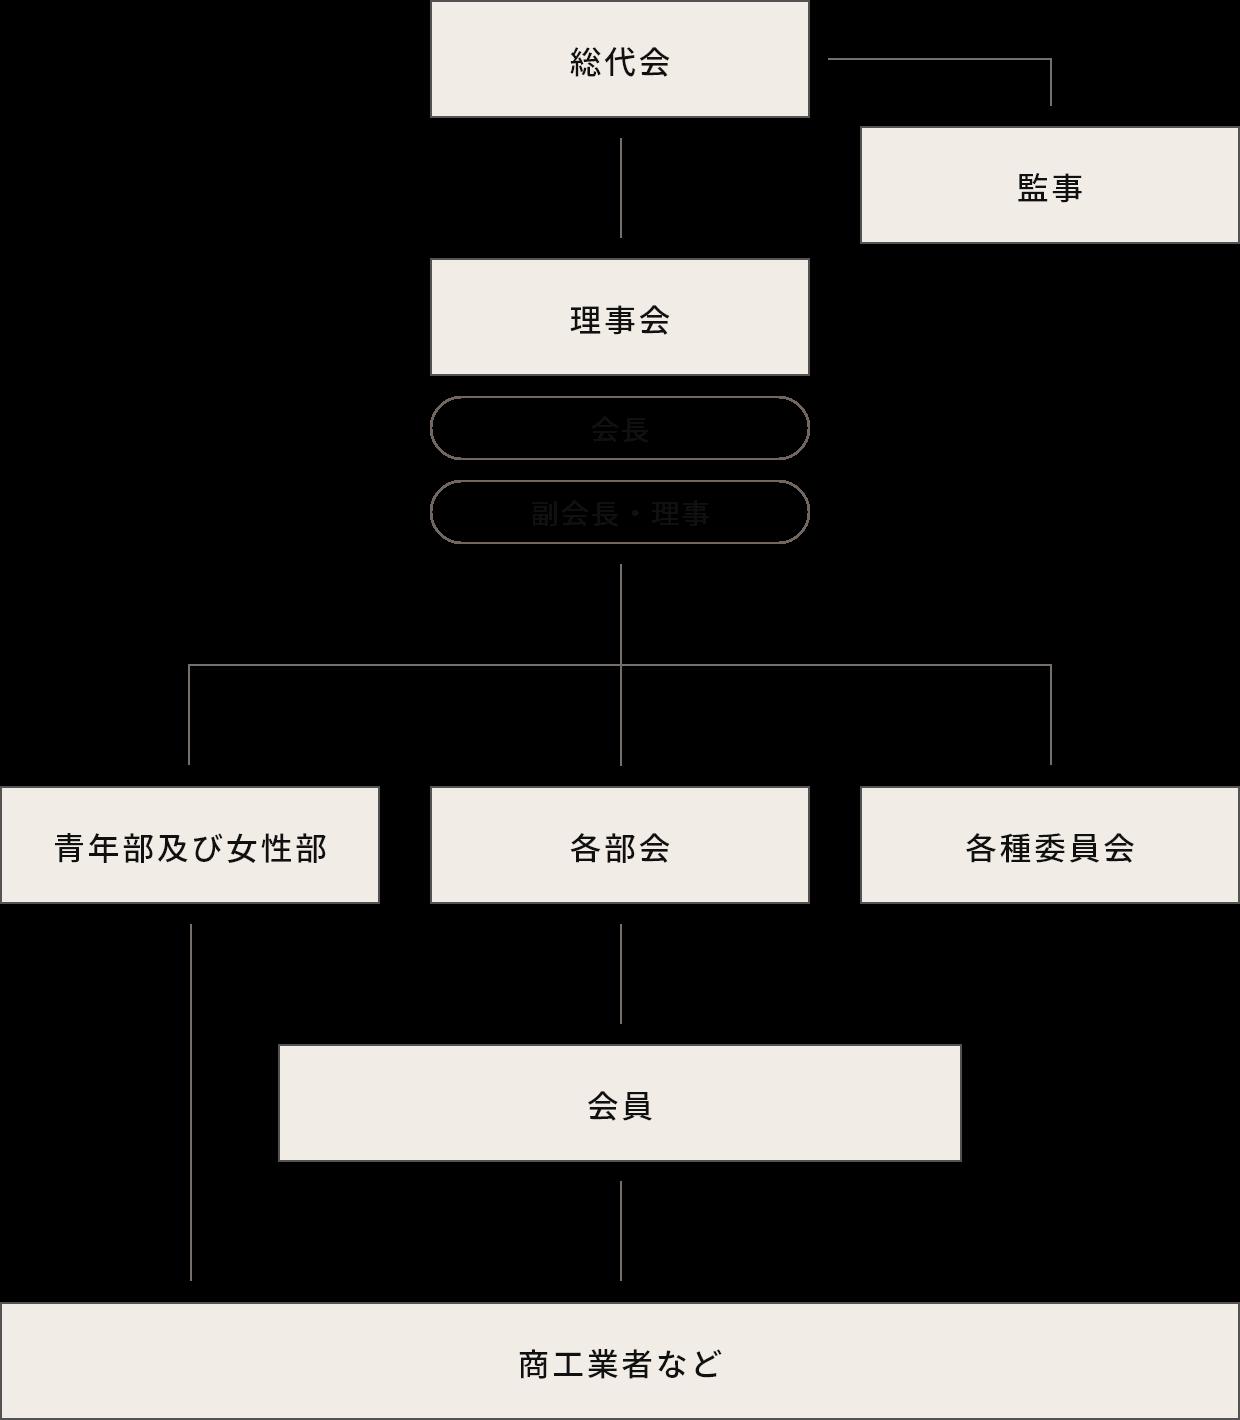 内子町商工会組織図